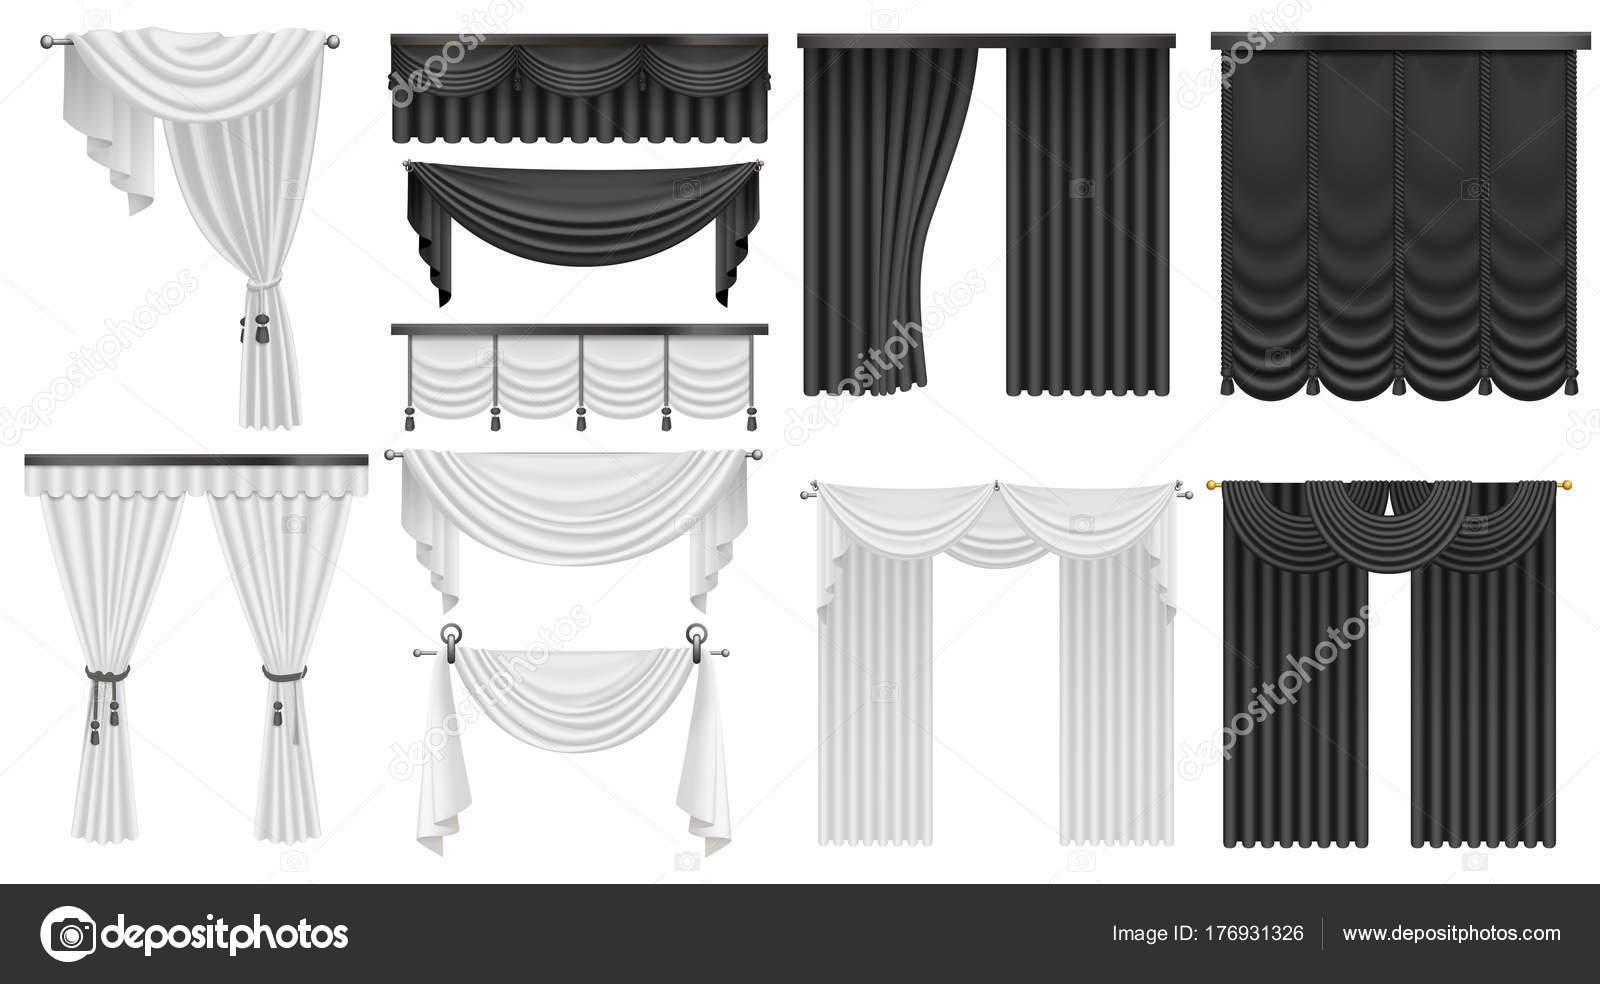 schwarz wei samt seide gardinen und vorh nge festgelegt inneren realistische luxus gardinen. Black Bedroom Furniture Sets. Home Design Ideas